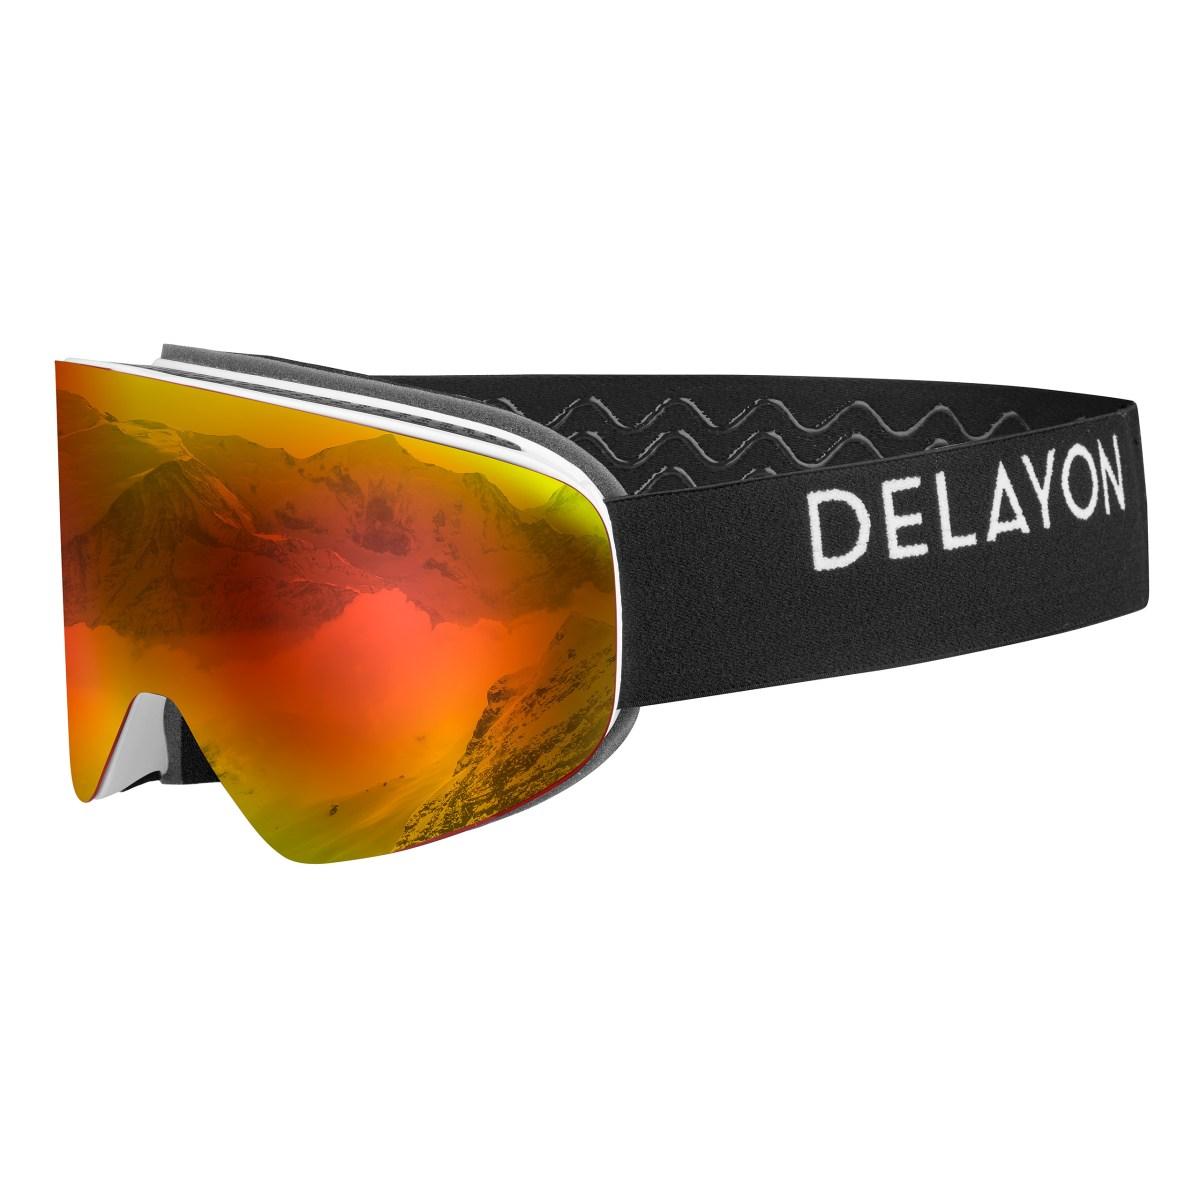 DELAYON Eyewear Core 2.0 Goggle White Black Space Fire